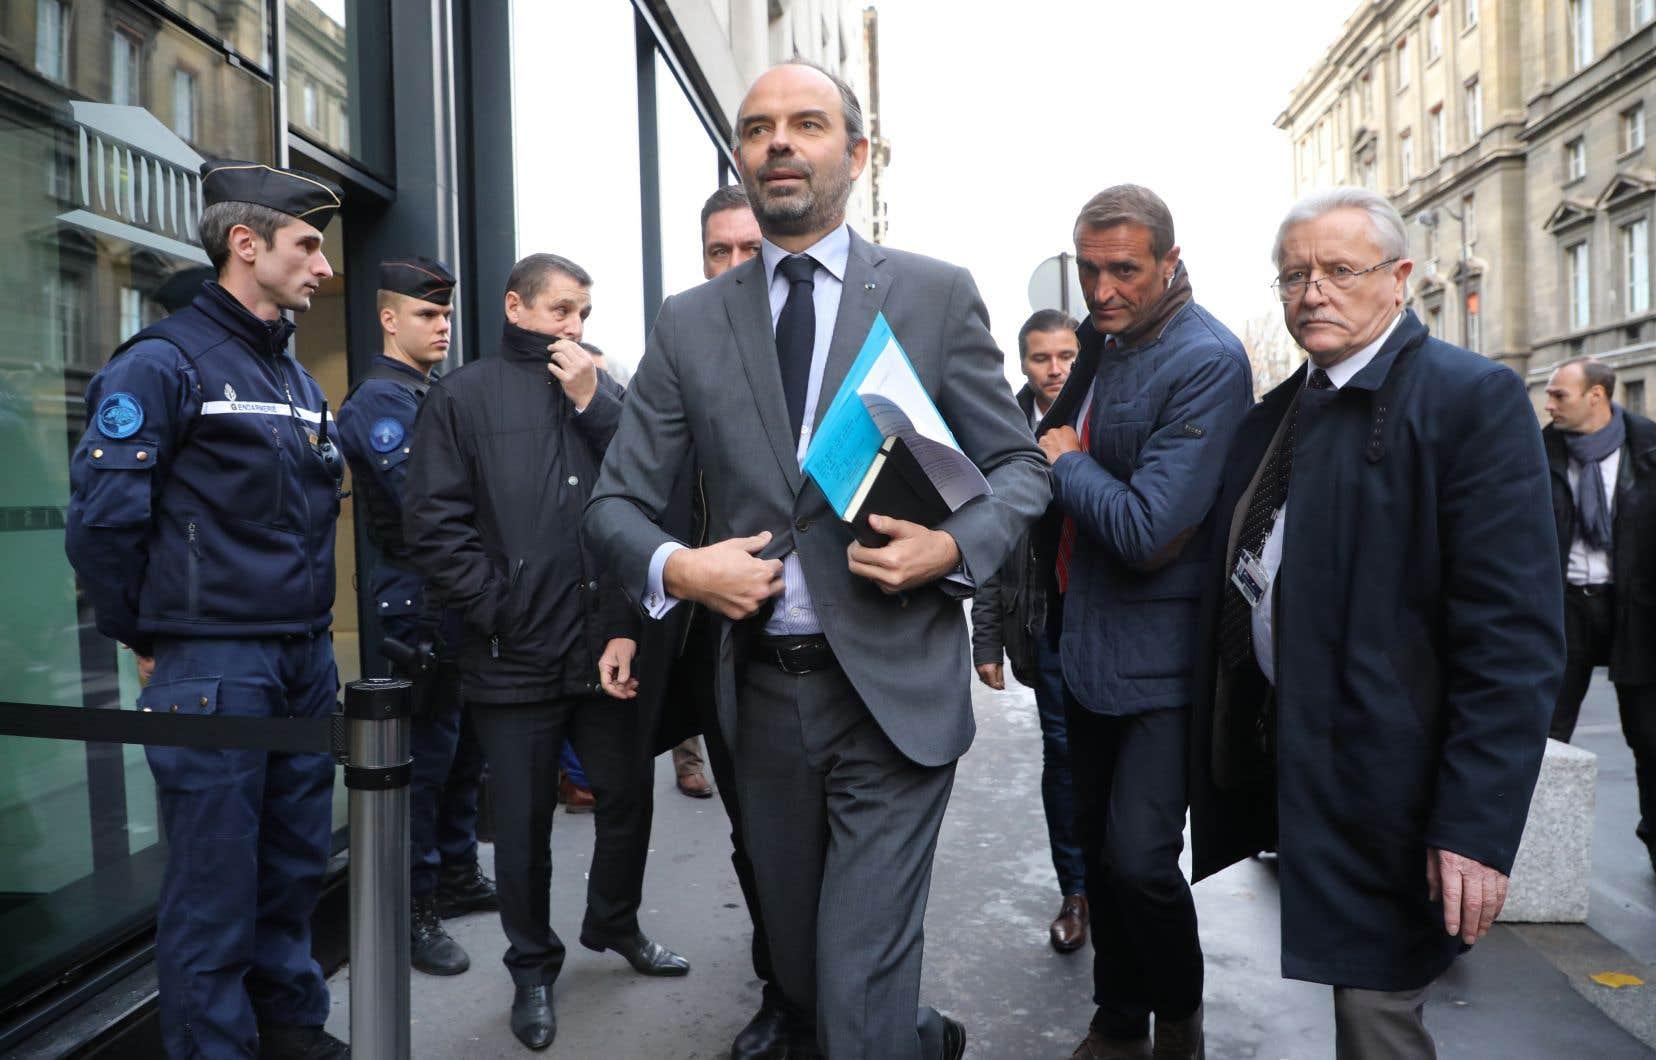 Le premier ministre Édouard Philippe a annoncé la suspension pour six mois de la hausse prévue le 1er janvier 2019 de la taxe carbone sur l'essence, le fioul et le diesel.